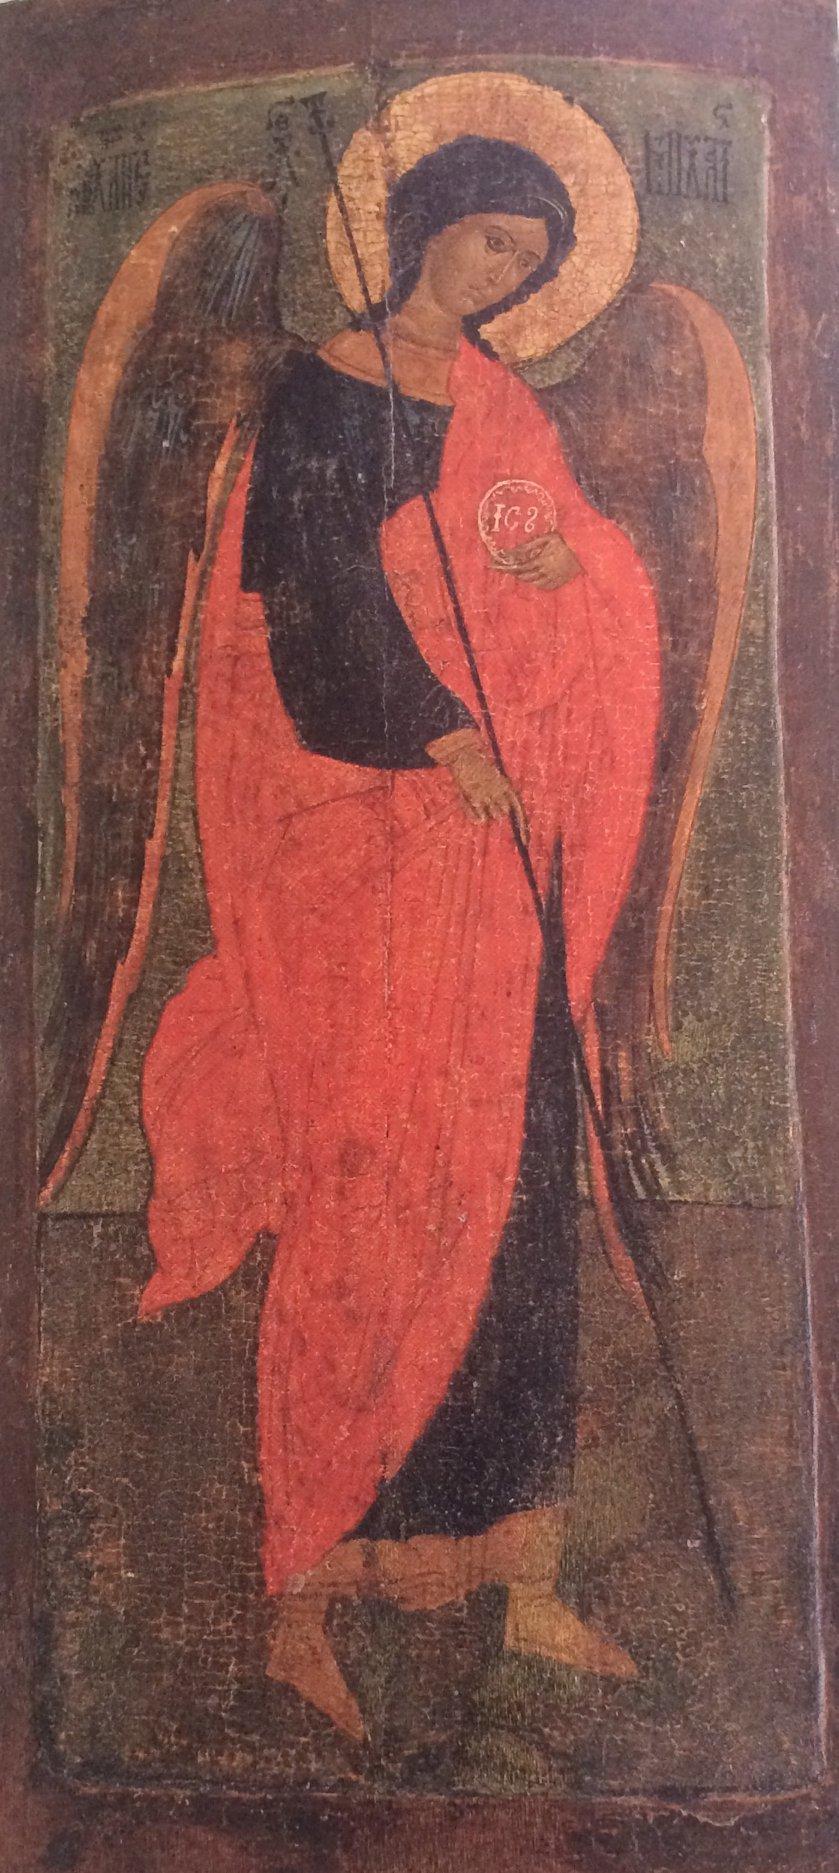 21 листопада – день Святого Архистратига Михаїла -  - 125956132 3466260980156217 5907831151013008089 o